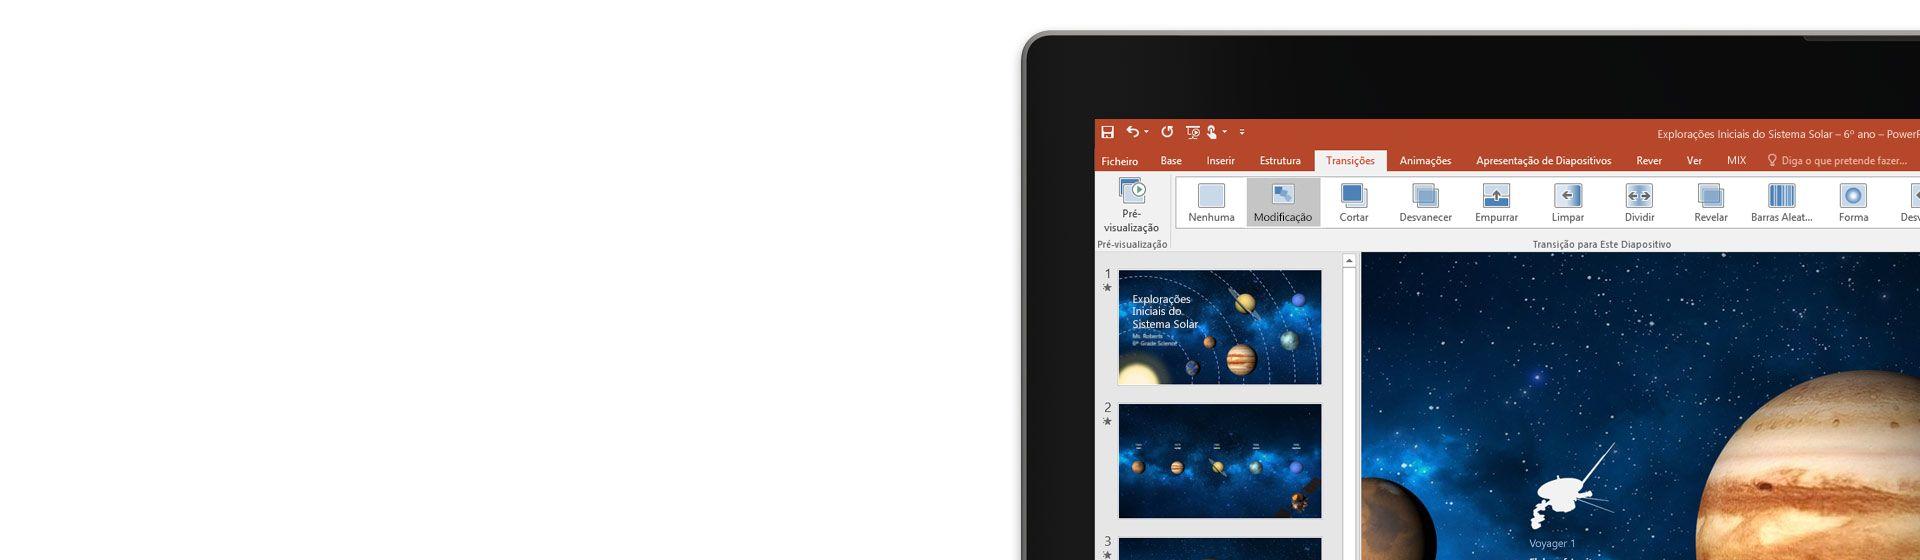 Um tablet a mostrar a funcionalidade Modificação num diapositivo de uma apresentação do PowerPoint.